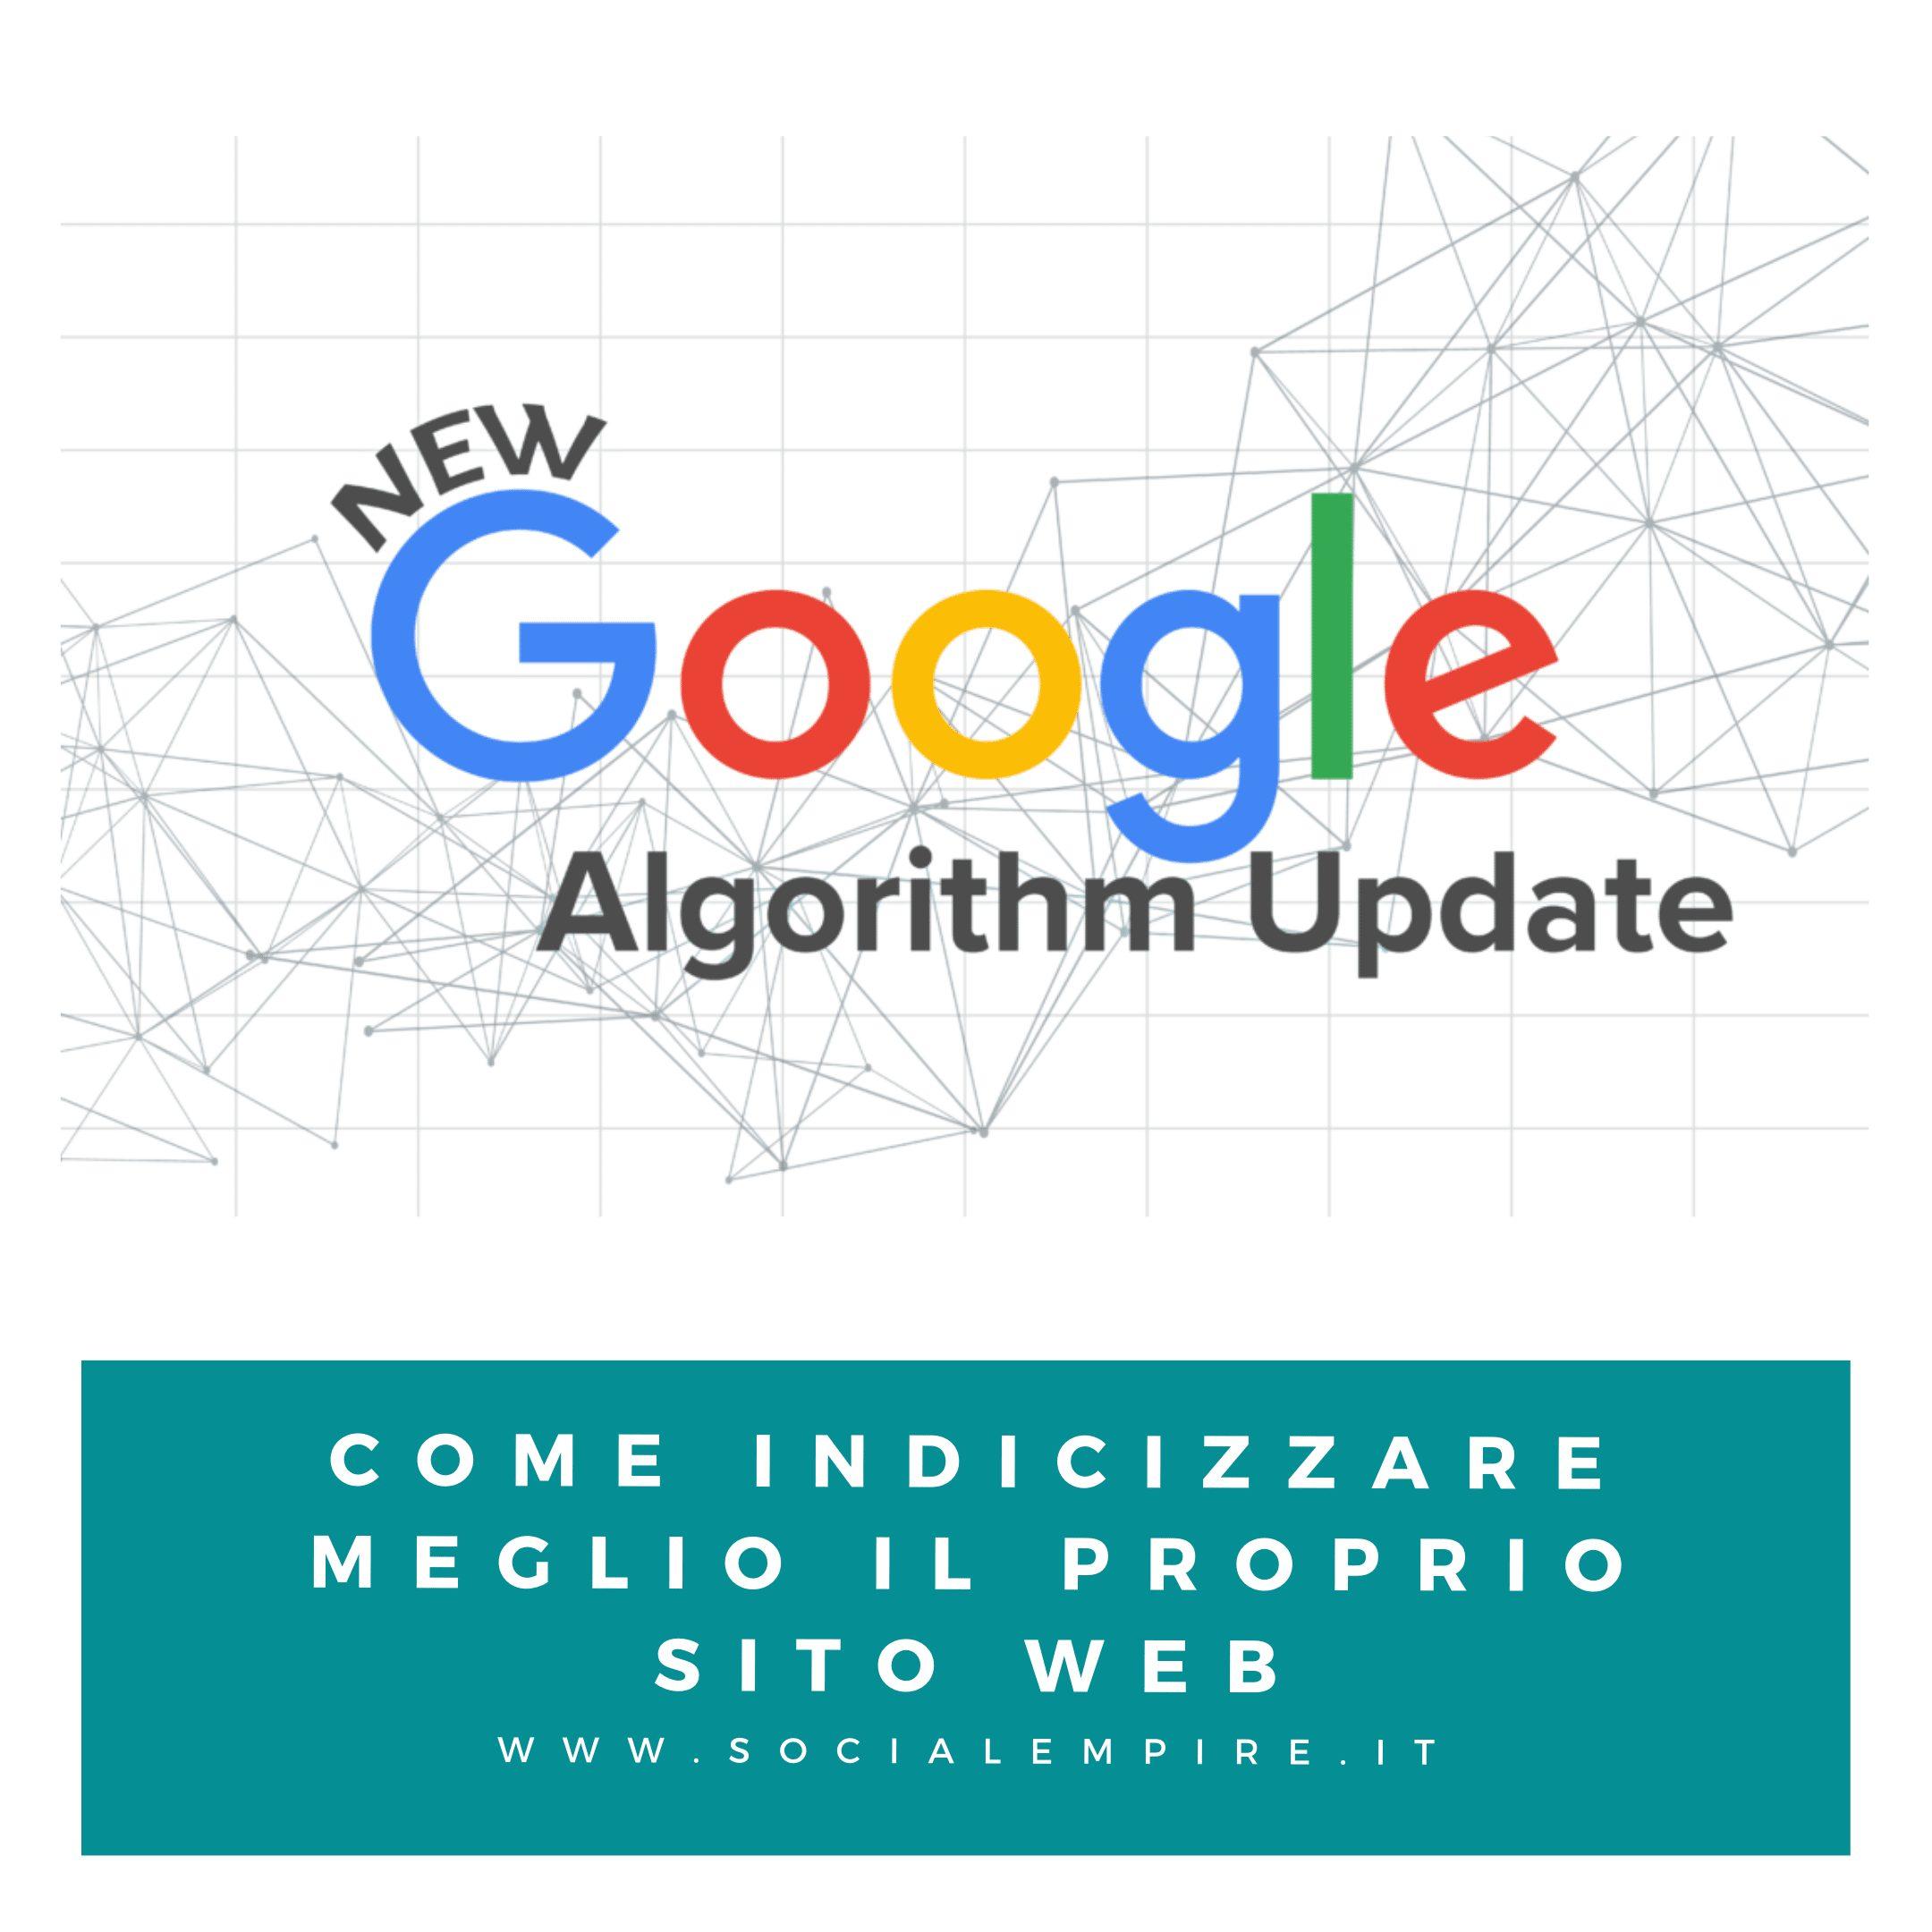 Come sfruttare l'algoritmo di Google